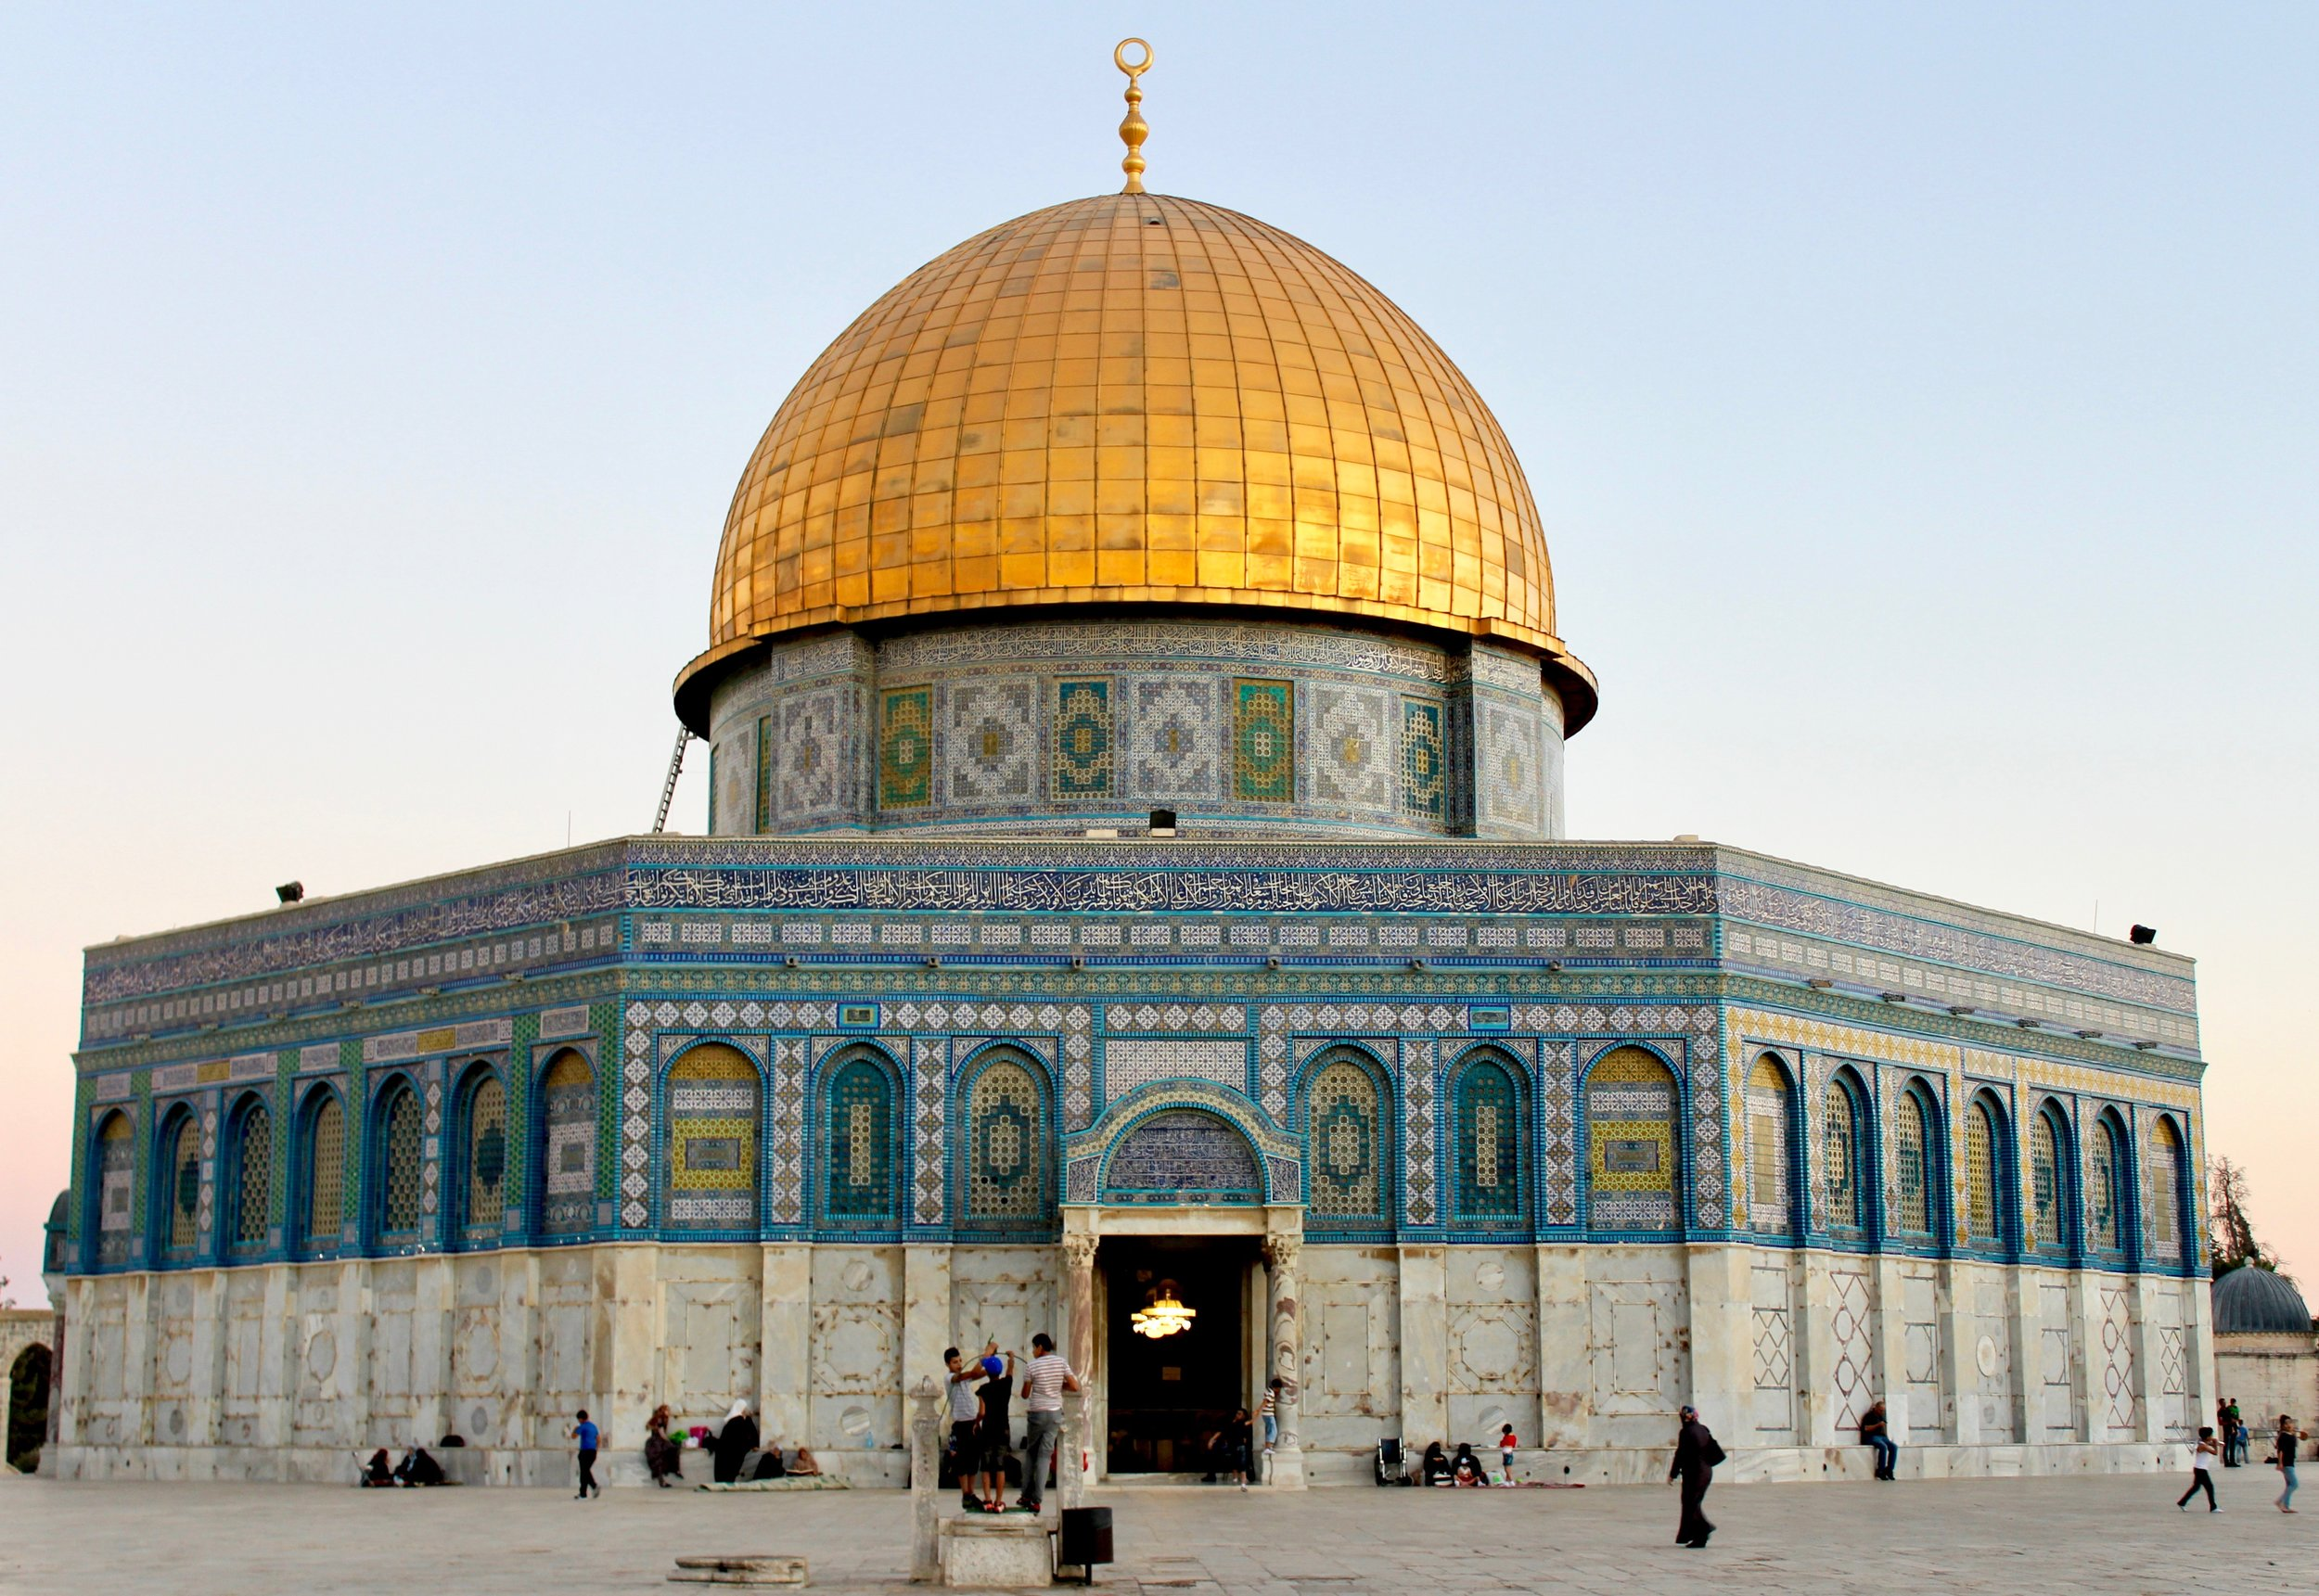 Dome of the Rock, Jerusalem, Palestine